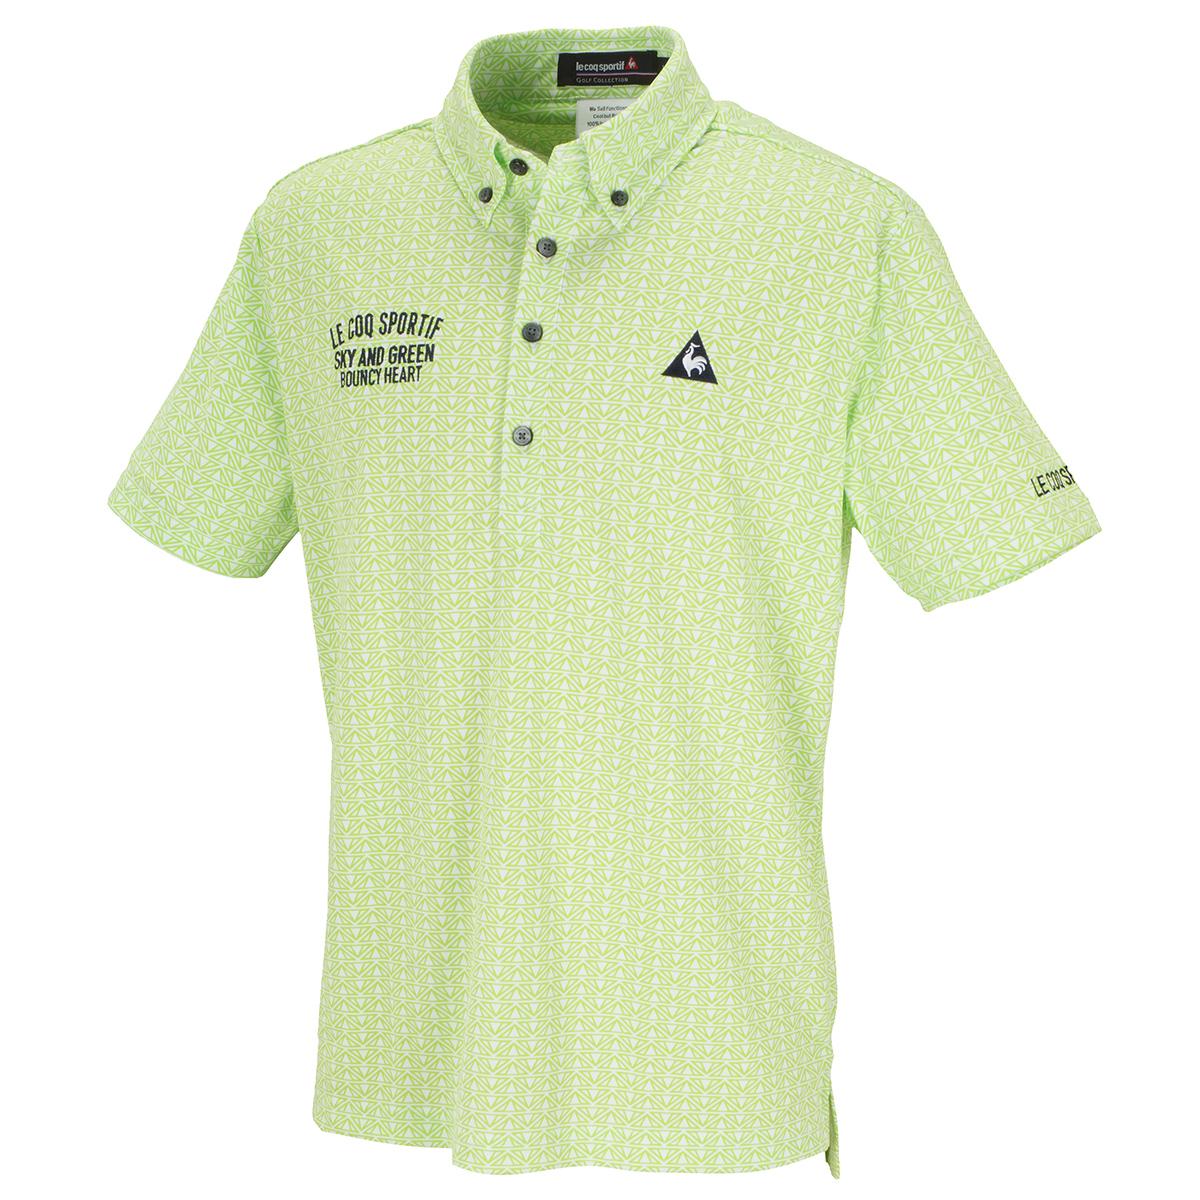 クーリストフェステントプリント半袖ポロシャツ